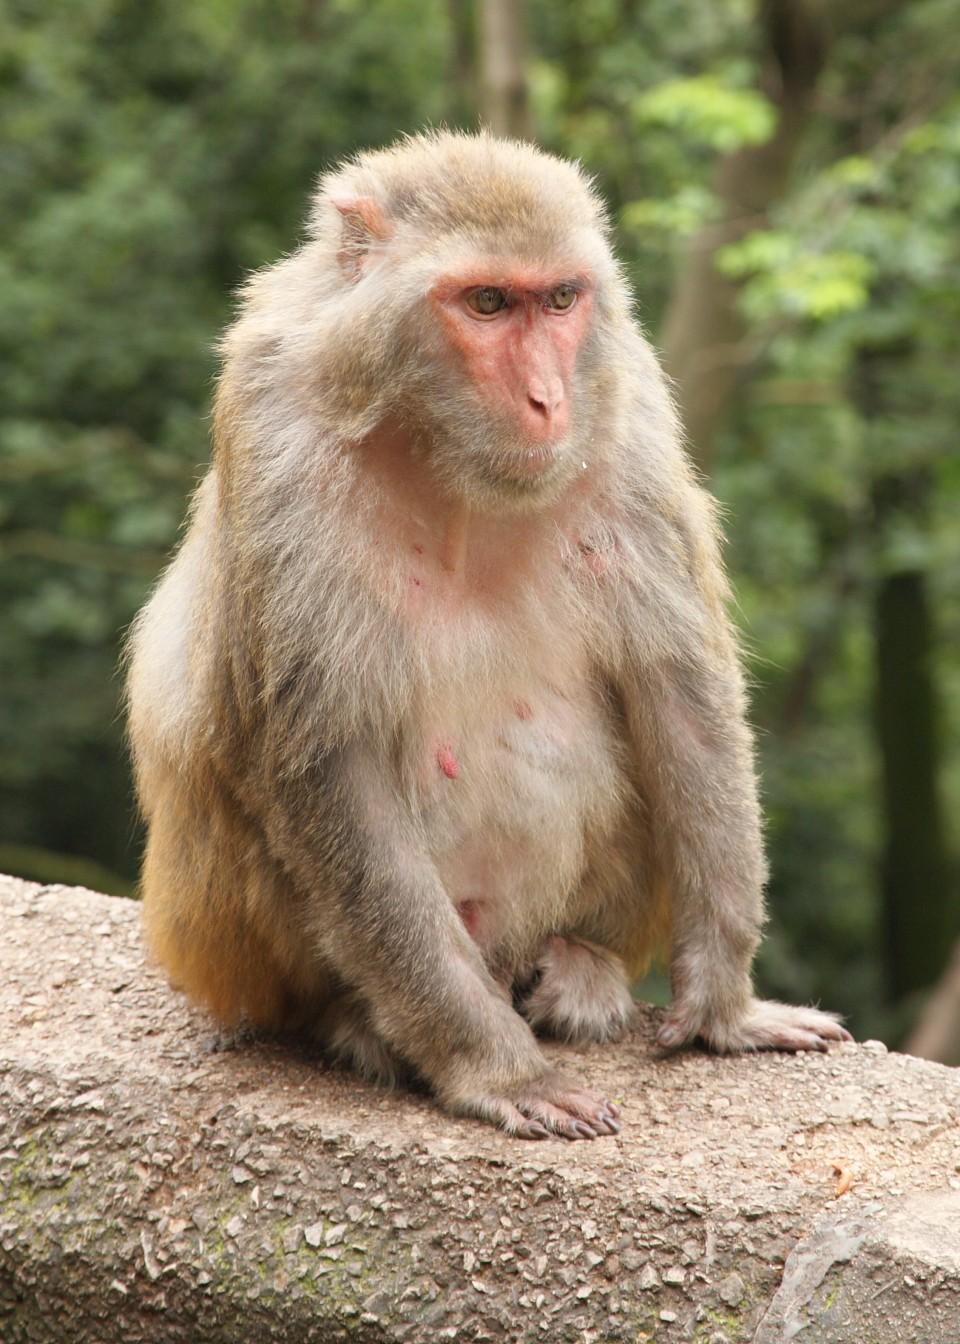 Macacos-rhesus ( Macaca mulatta) foram usados nos experimentos (Foto: Wikipedia Commons)